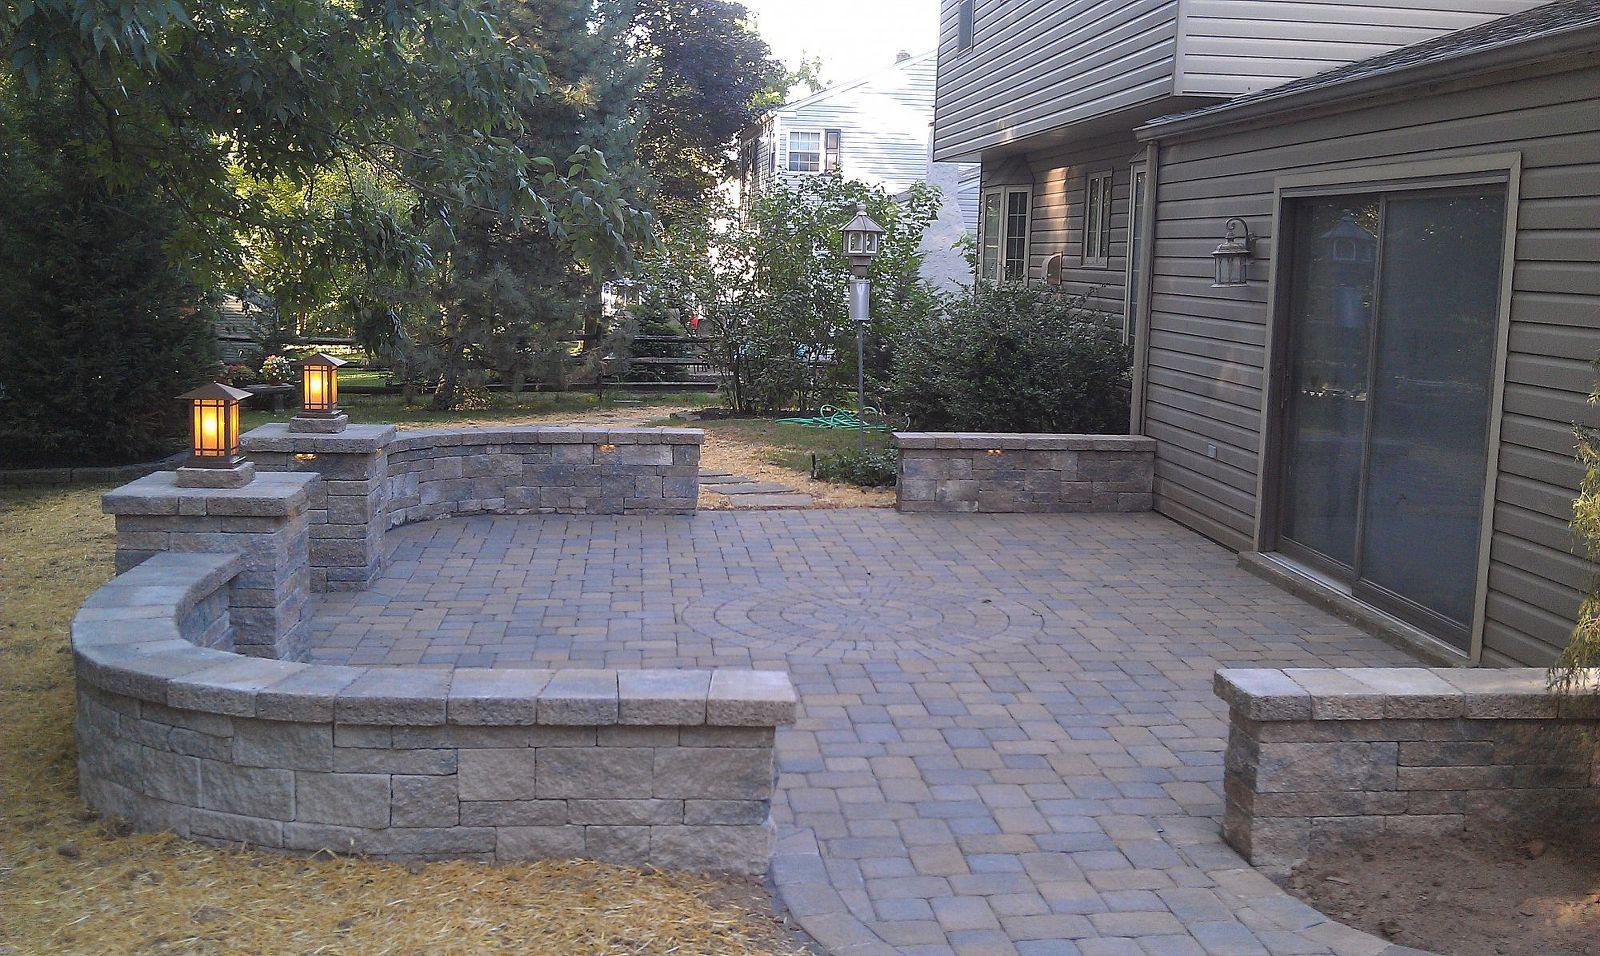 Paver Patio | Backyard patio designs, Brick patios ... on Brick Paver Patio Designs  id=93132